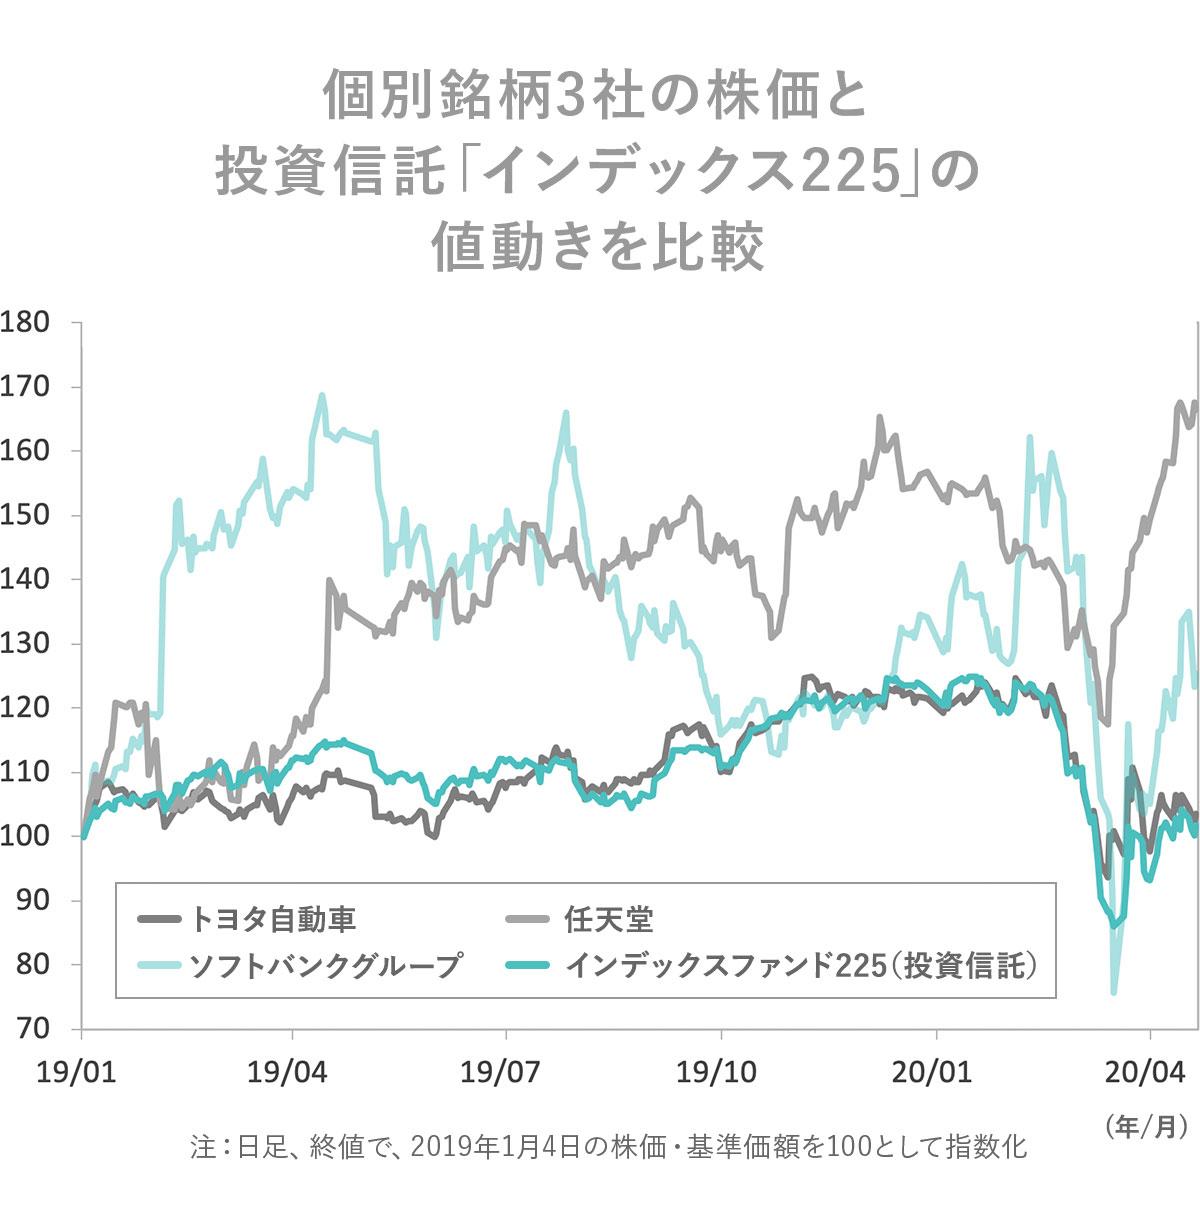 個別銘柄と日経平均株価のインデックスファンドの比較